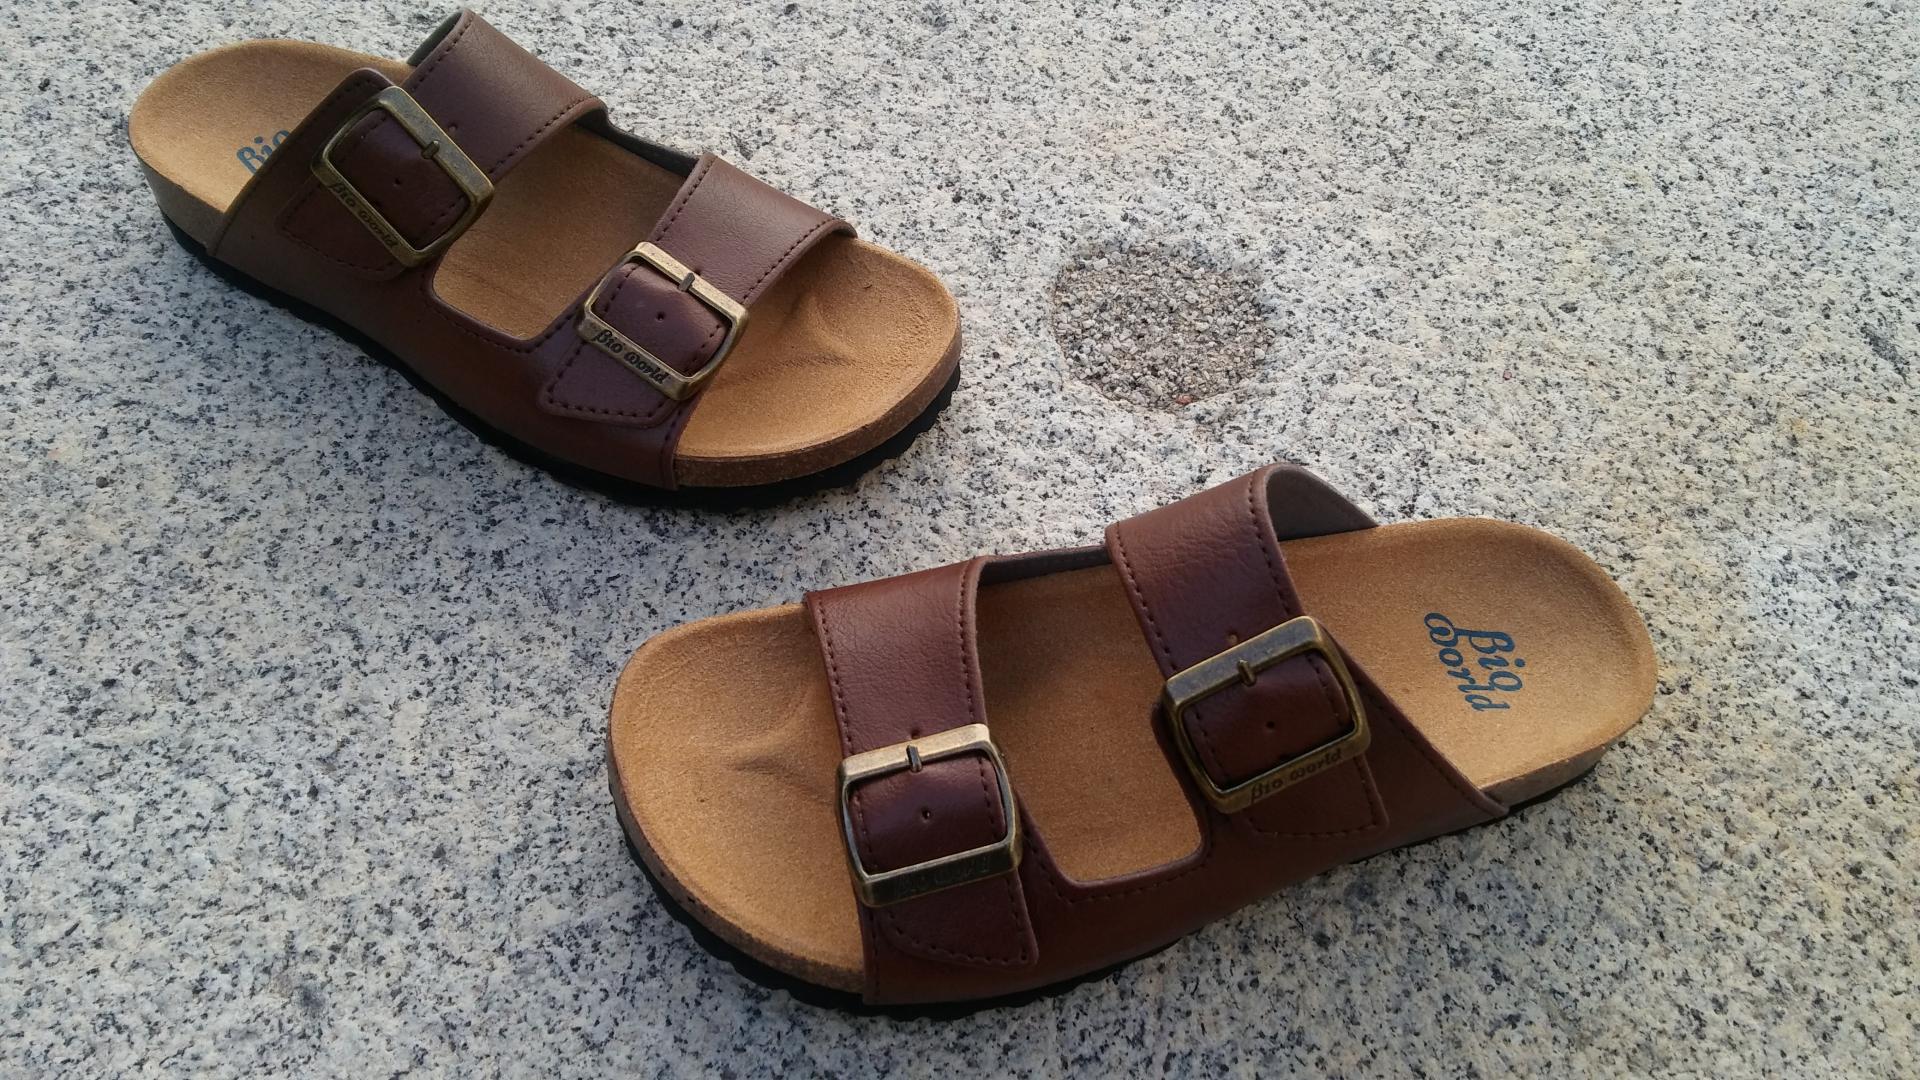 VICTORIA MARRON, sandalias veganas, sandalias veganas mujer, calzado vegano, sandalias de tacón bajo, sandalias bioworld, vegan shoes, sandalias marrones.